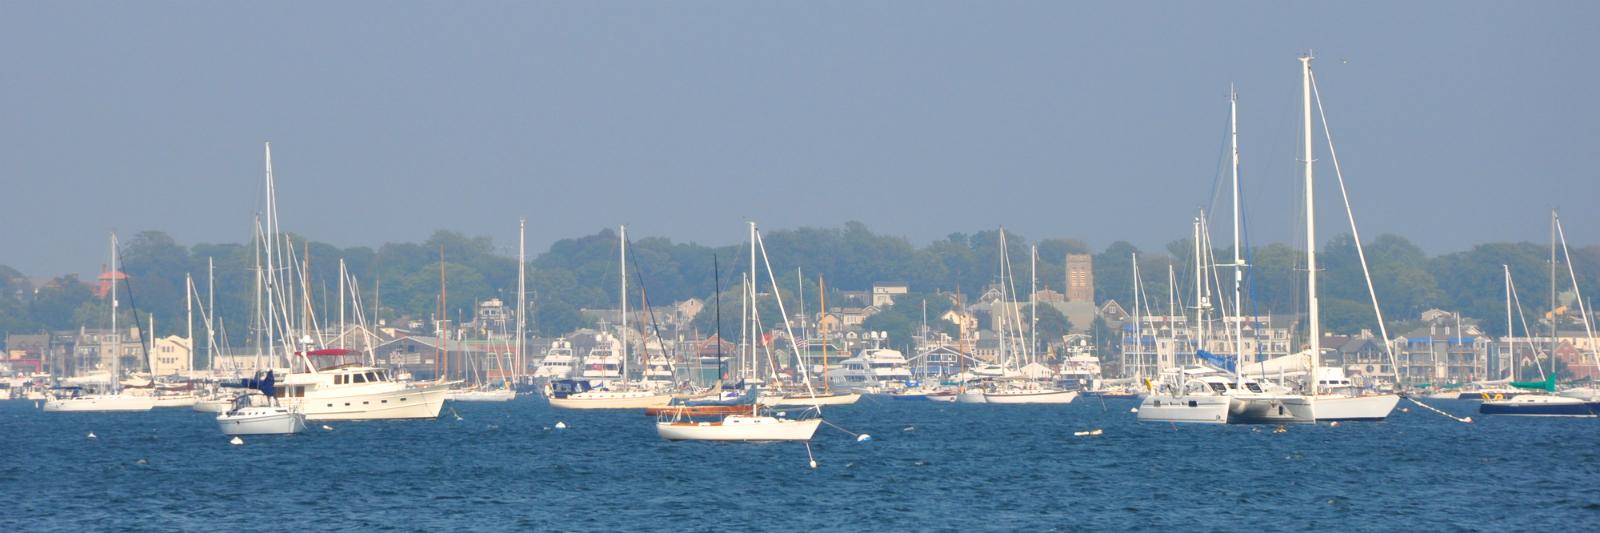 boats-marina.jpg